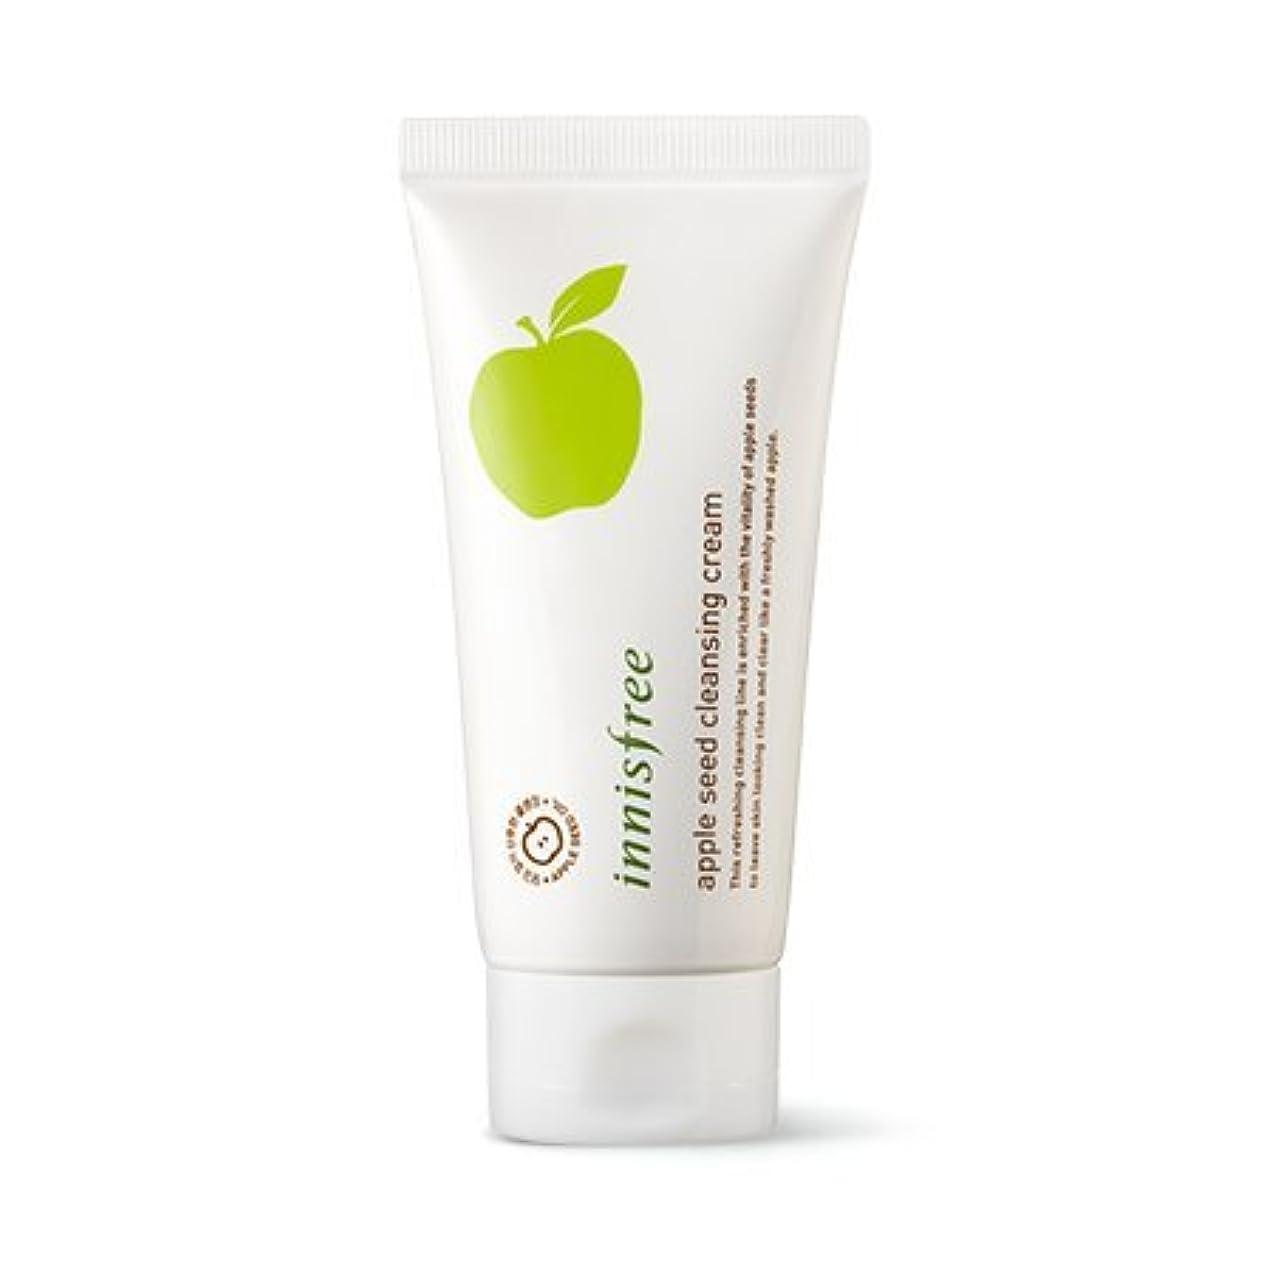 突破口承認余剰[New] innisfree Apple Seed Cleansing Cream 150ml/イニスフリー アップル シード クレンジング クリーム 150ml